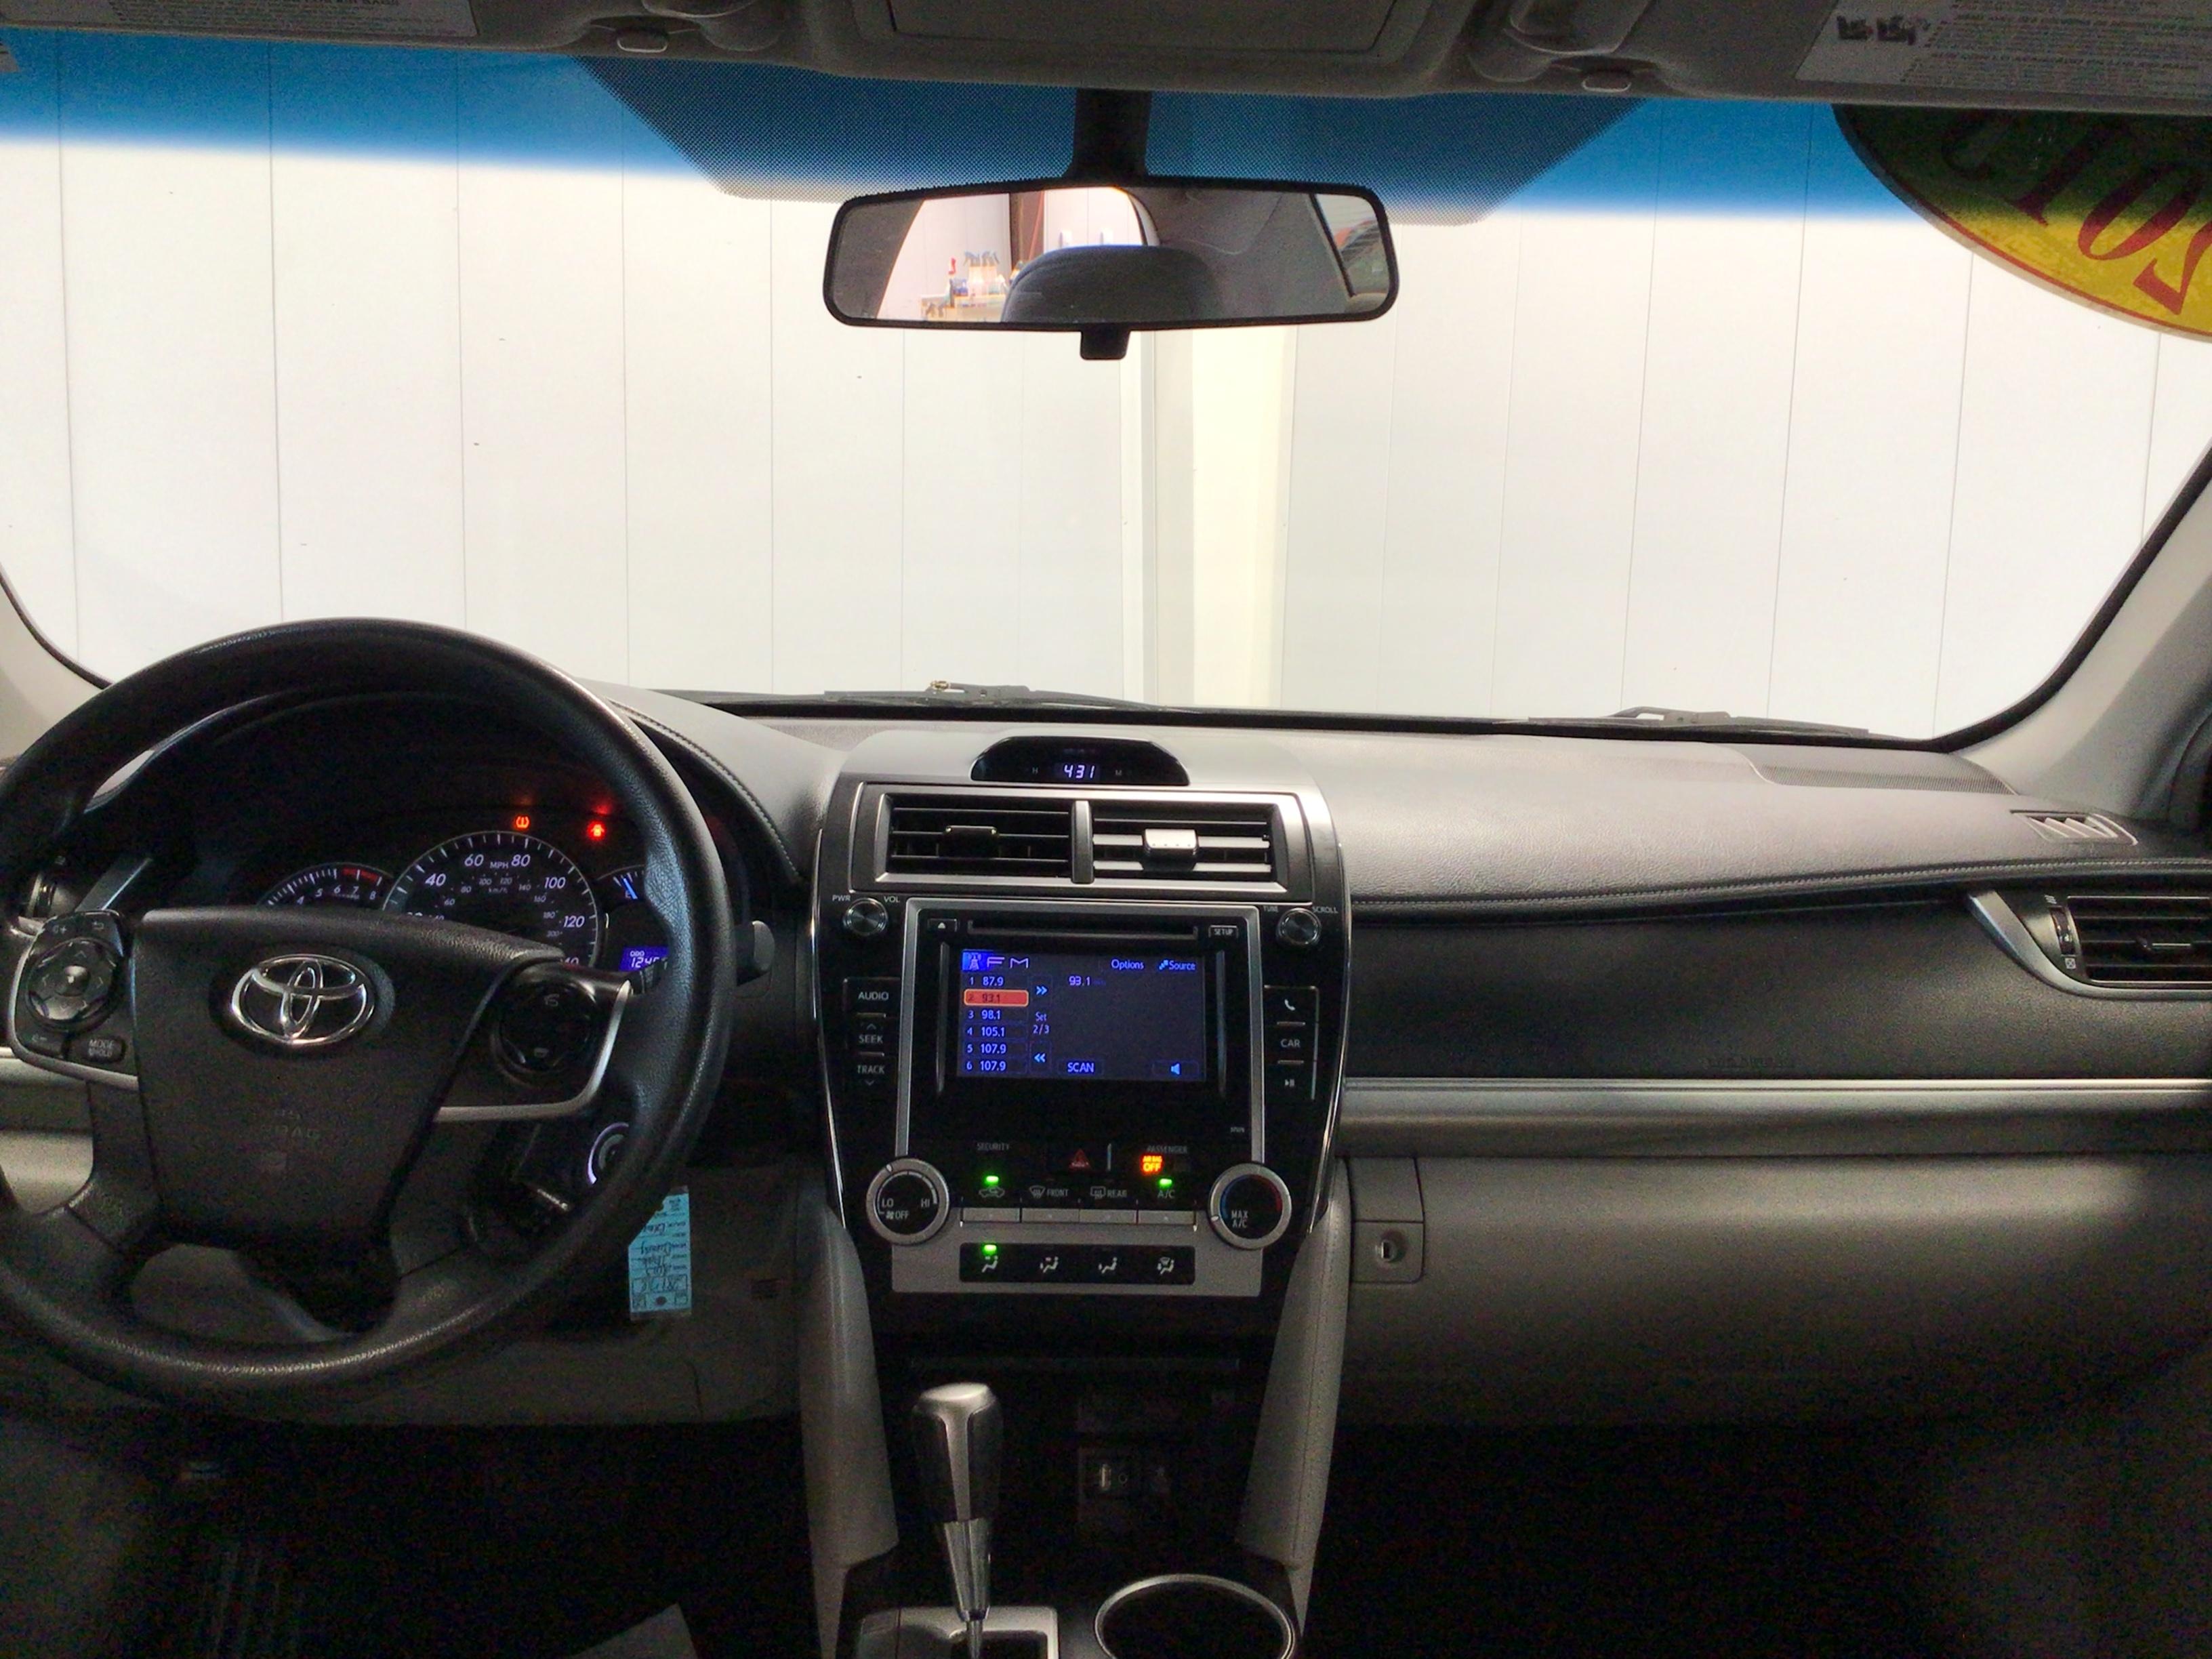 used vehicle - Sedan TOYOTA CAMRY 2013